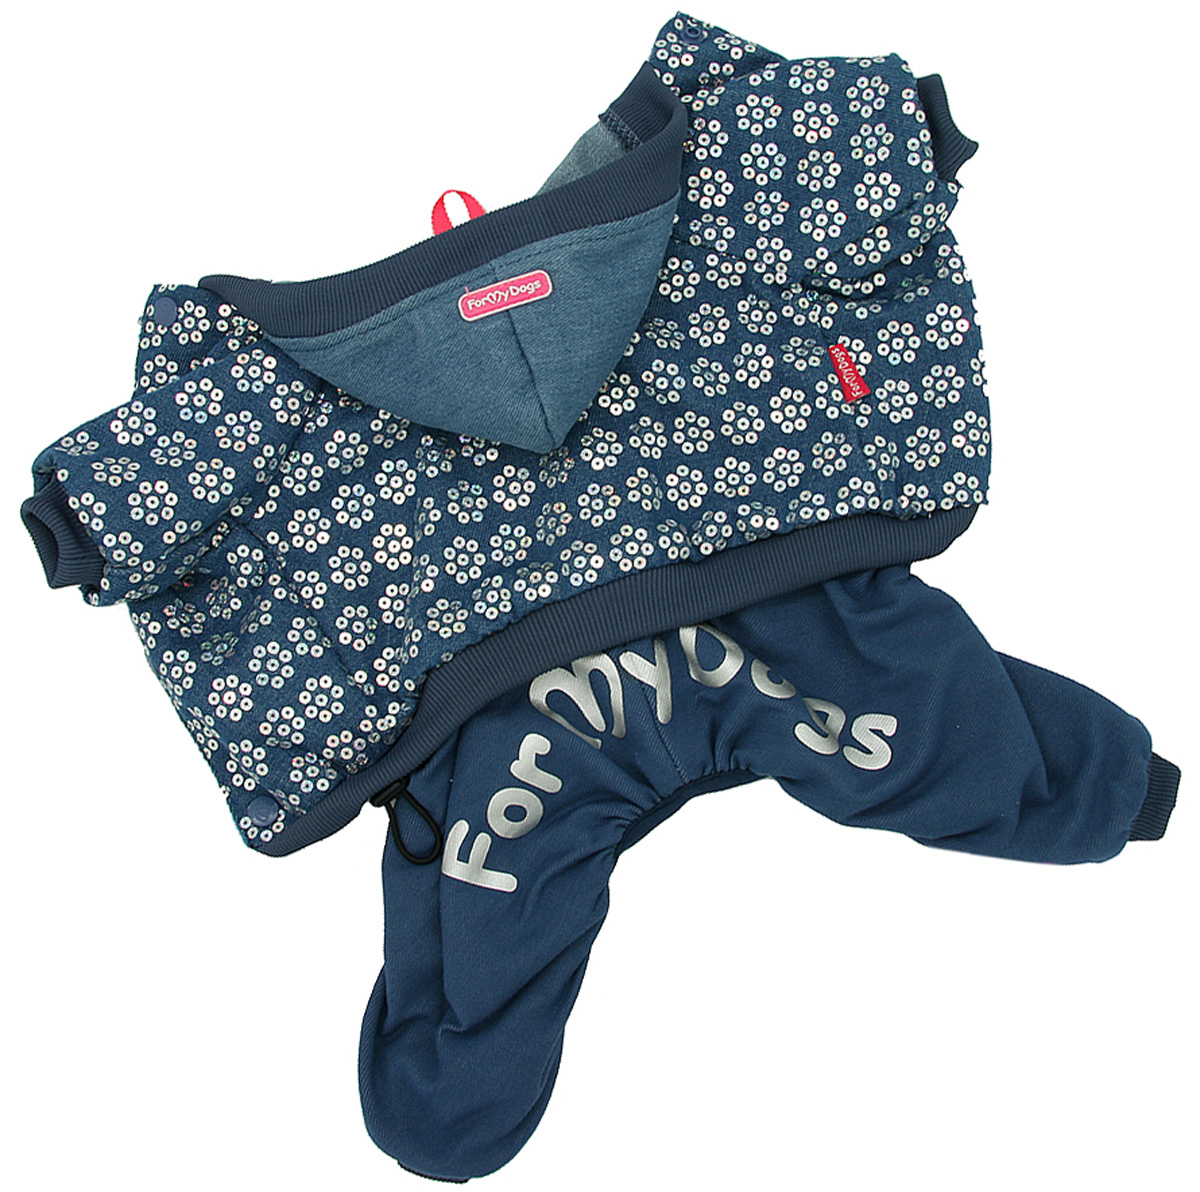 For My Dogs костюм для собак утепленный синий Fw910-2020 B (20)